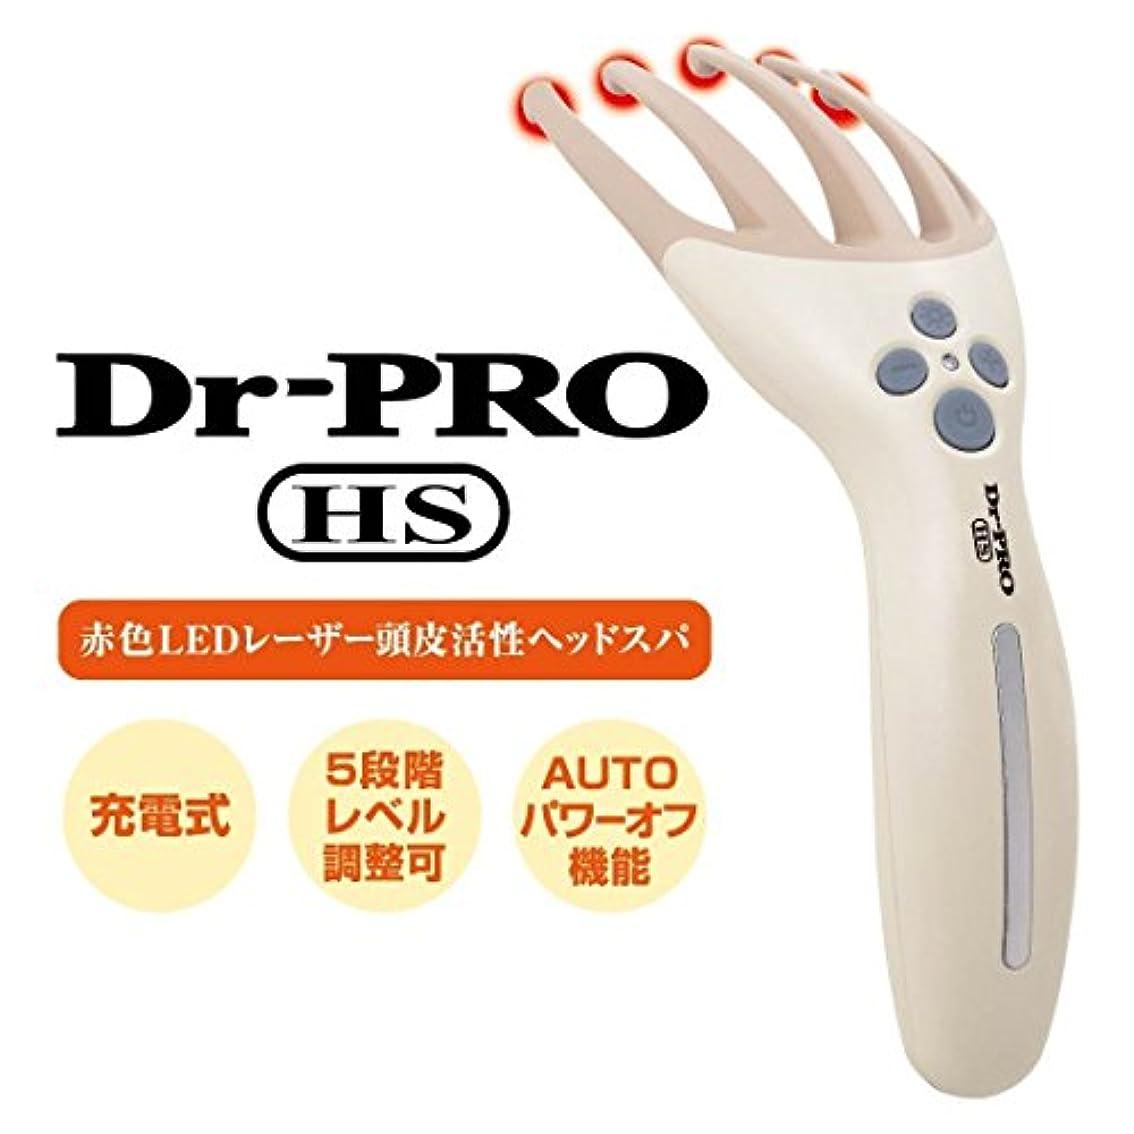 場合石鹸イースターDr-PRO HS(ドクタープロ ヘッドスパ)